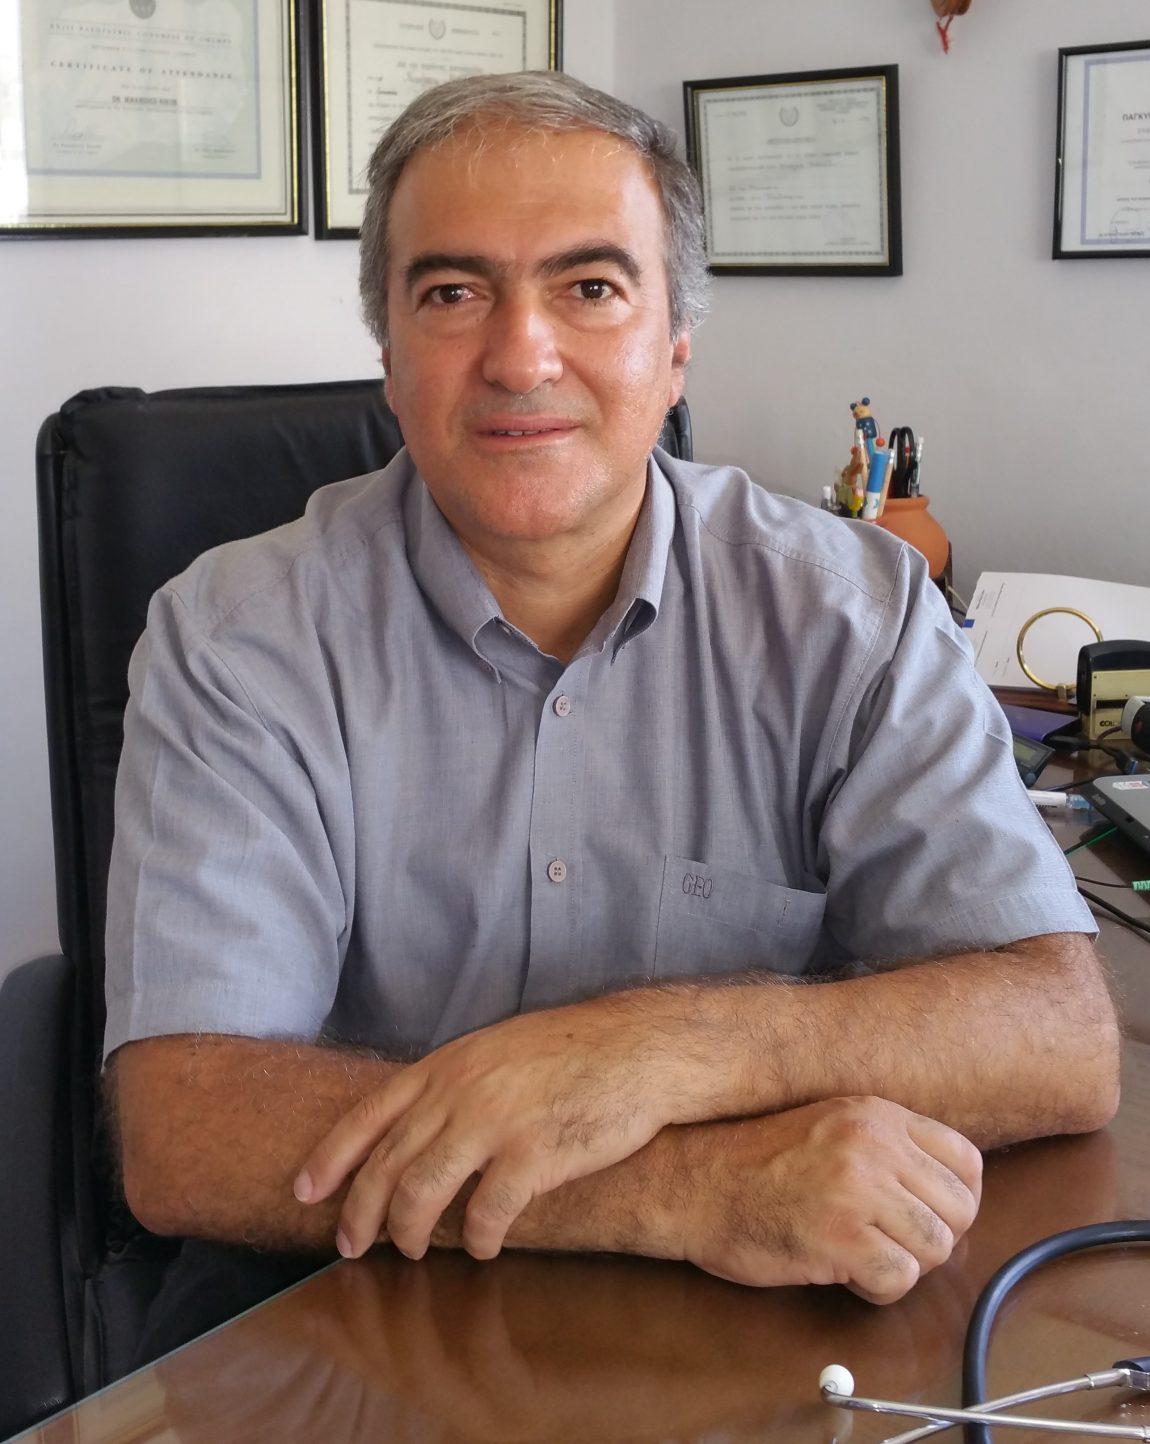 Μεσογειακή αναιμία (θαλασσαιμία): Συμπτώματα, αιτίες και θεραπεία